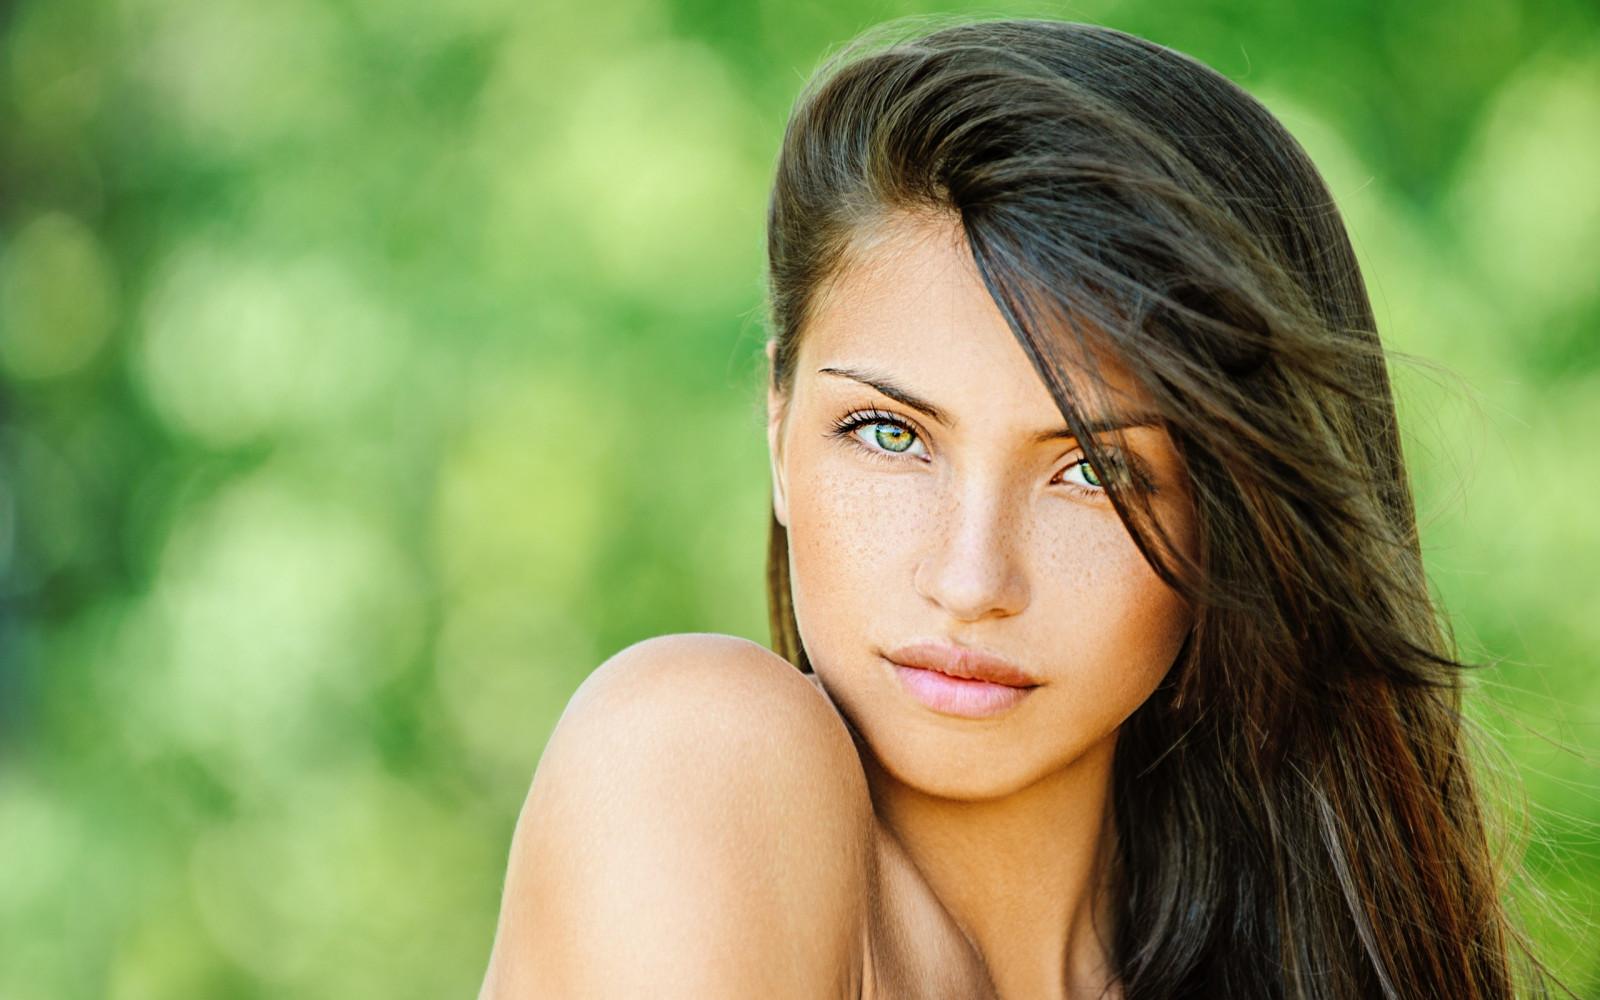 Wallpaper : face, women outdoors, model, long hair